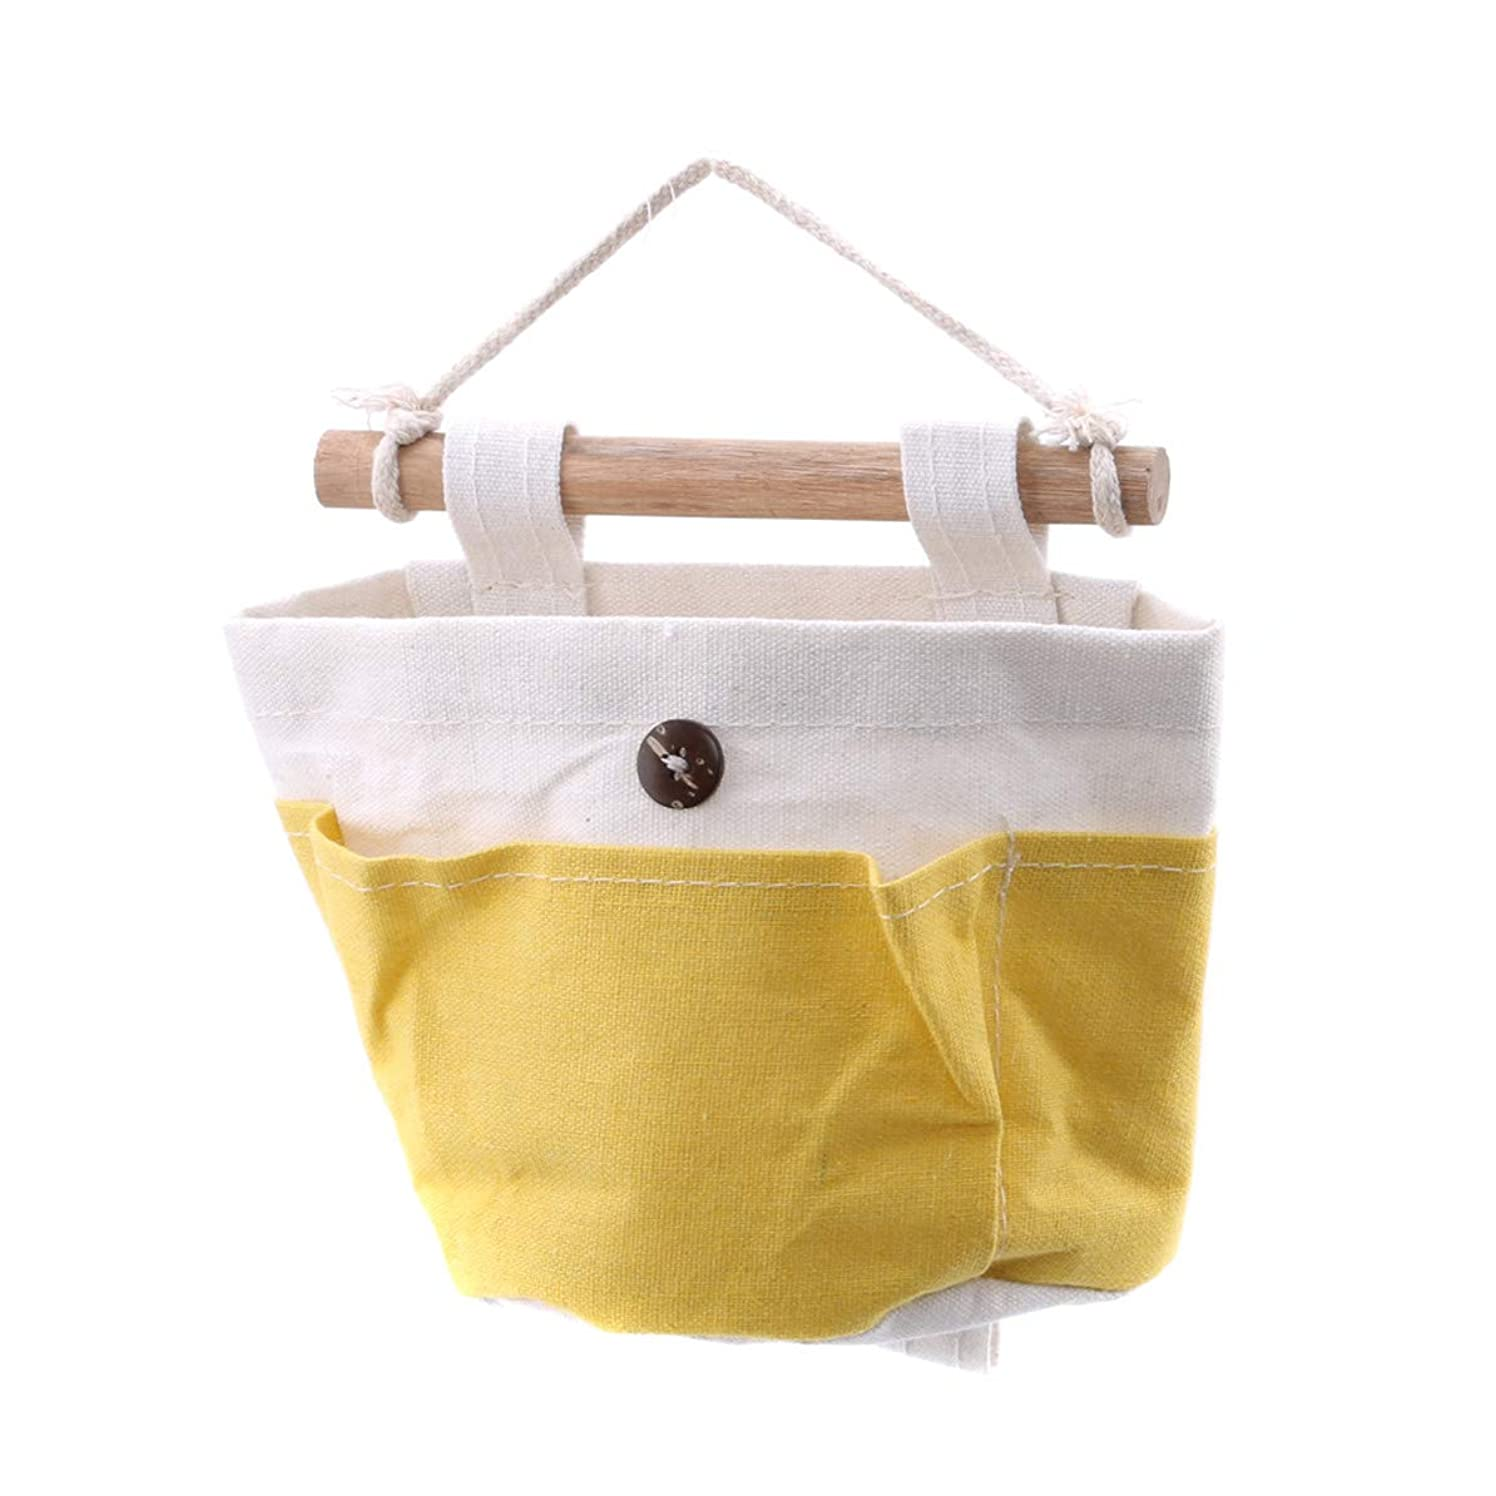 ルーム千マイナスMODMHB ウォールポケット 吊り下げ袋 壁掛け収納 小物 鍵 文房具 手紙入れ 書類分け 整理 収納袋 コンパクト